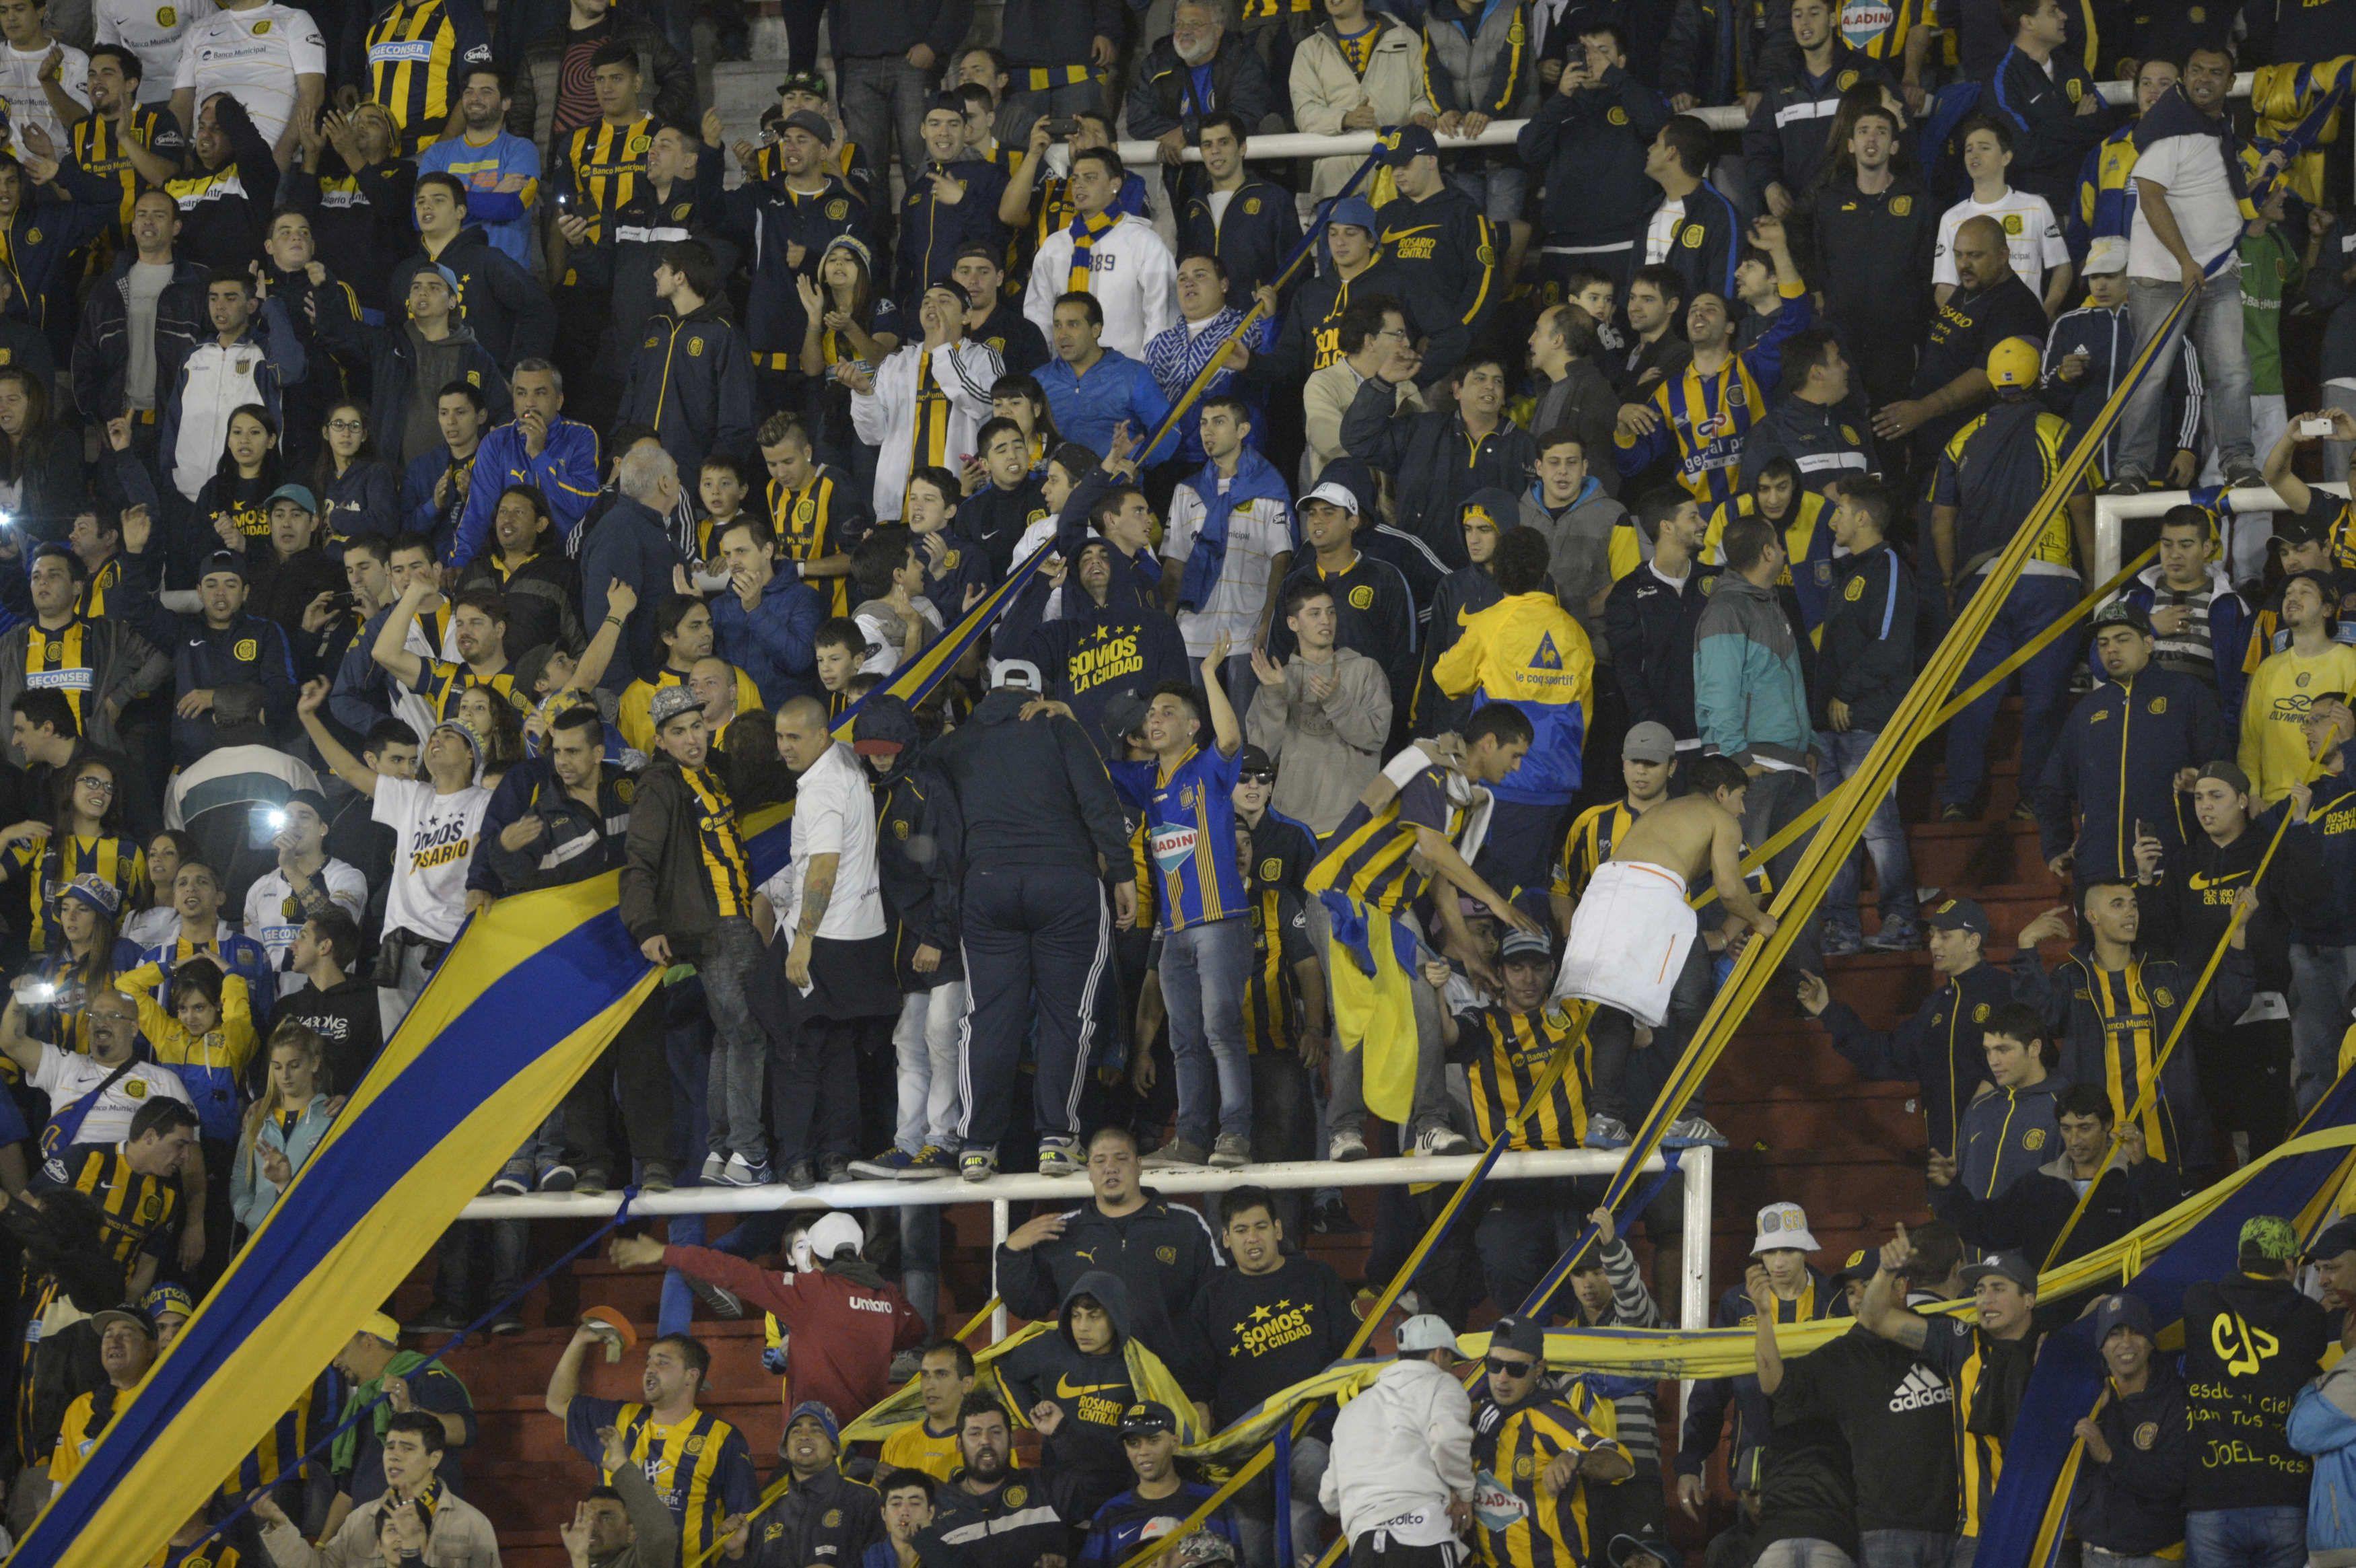 El equipo auriazul estuvo acompañado por numeroso público. (Foto: Héctor Río)